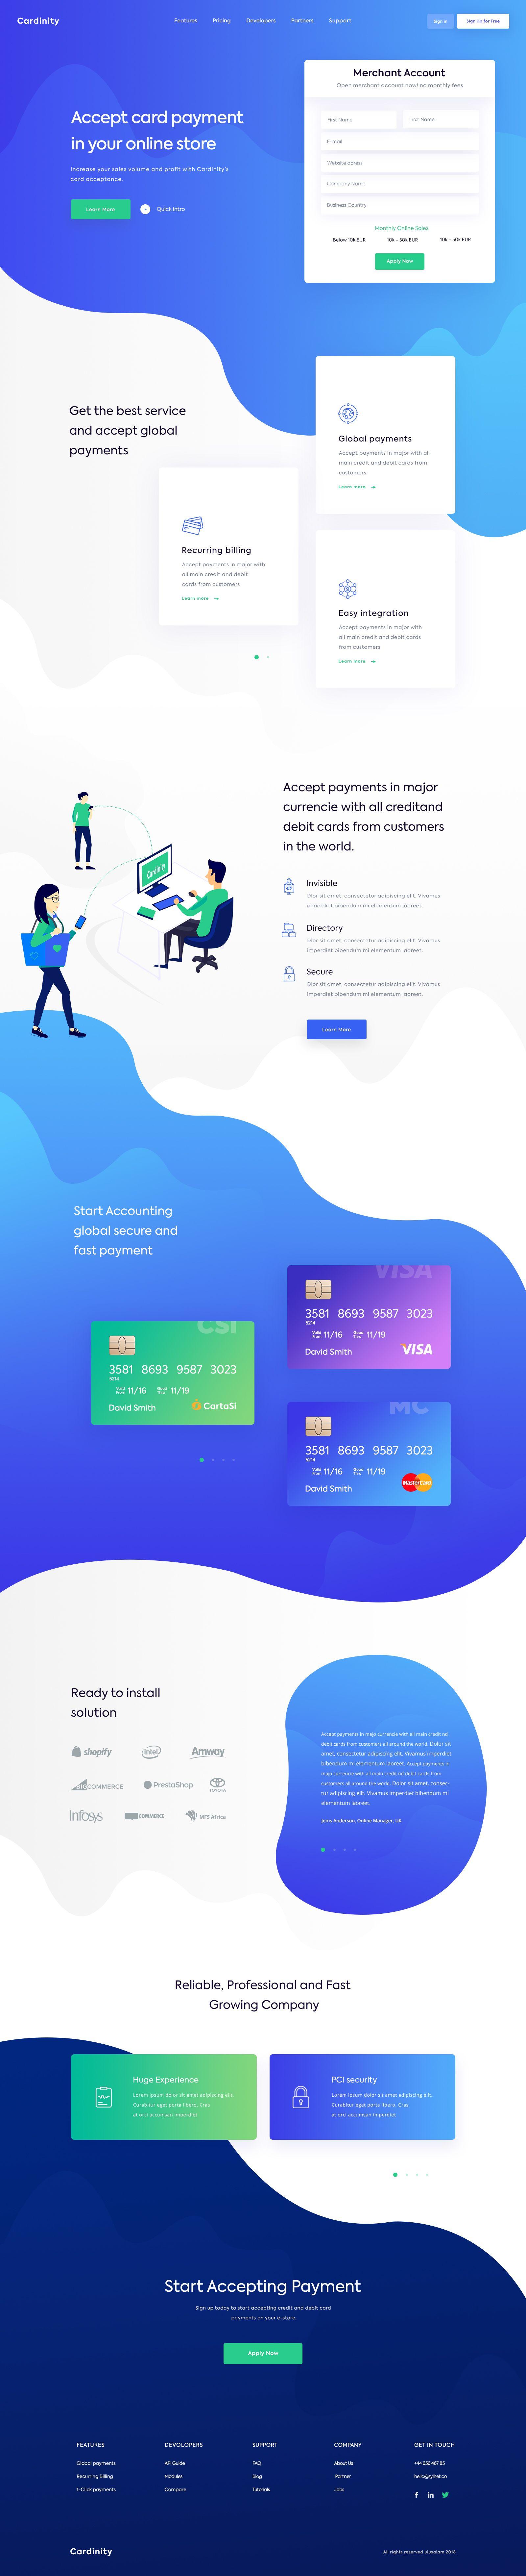 Uiuxalam Online Money Transfer Banking Website